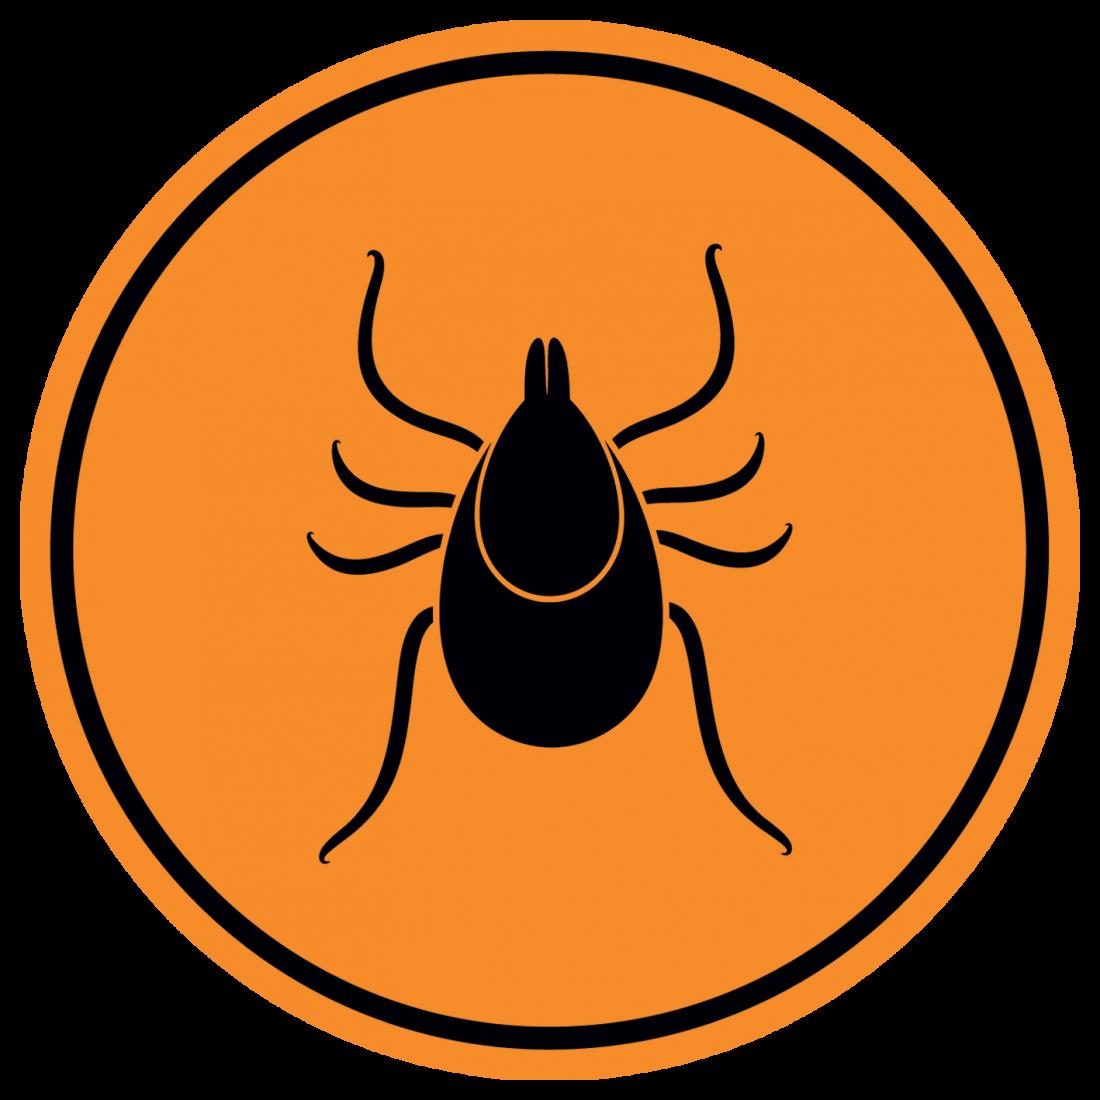 tick danger sign